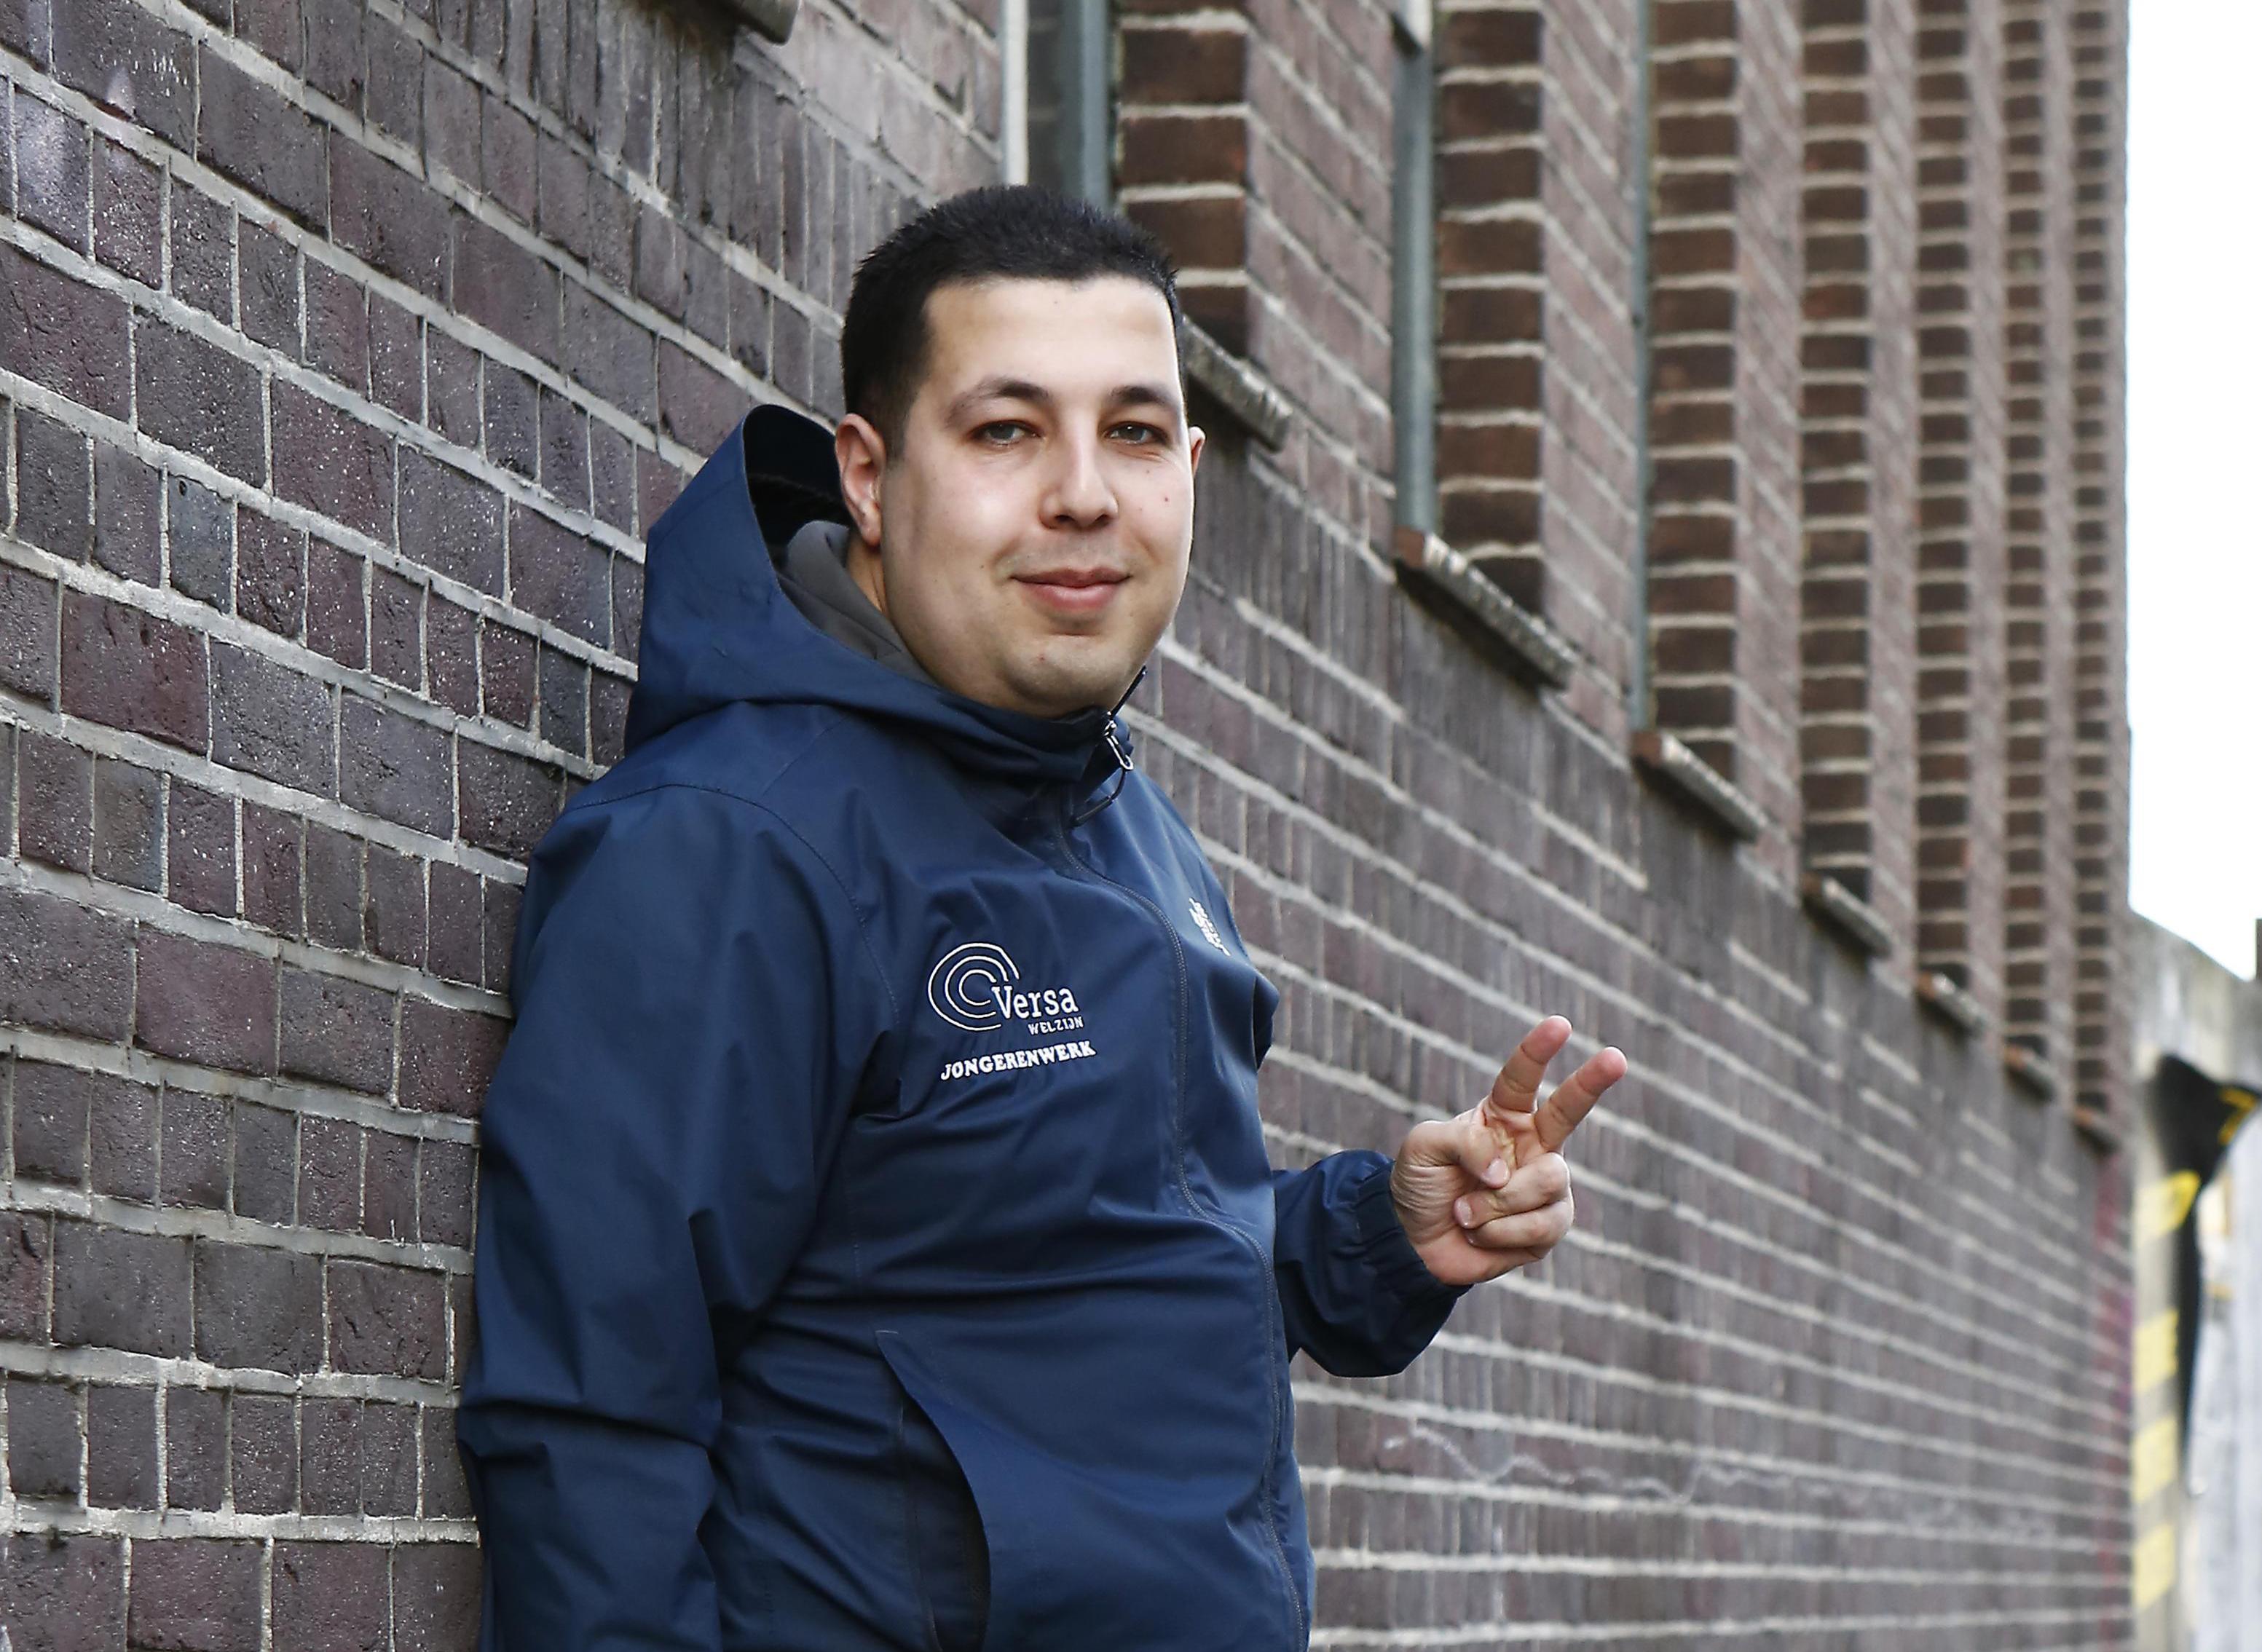 'Blijf thuis, ga niet rellen'. Deze oproep van jongerenwerker Chakir El Allachi ging viral; Hoe heeft hij het afgelopen jaar beleefd? 'Ik zie angst onder jongeren en door angst ga je falen' | Serie 1 jaar corona